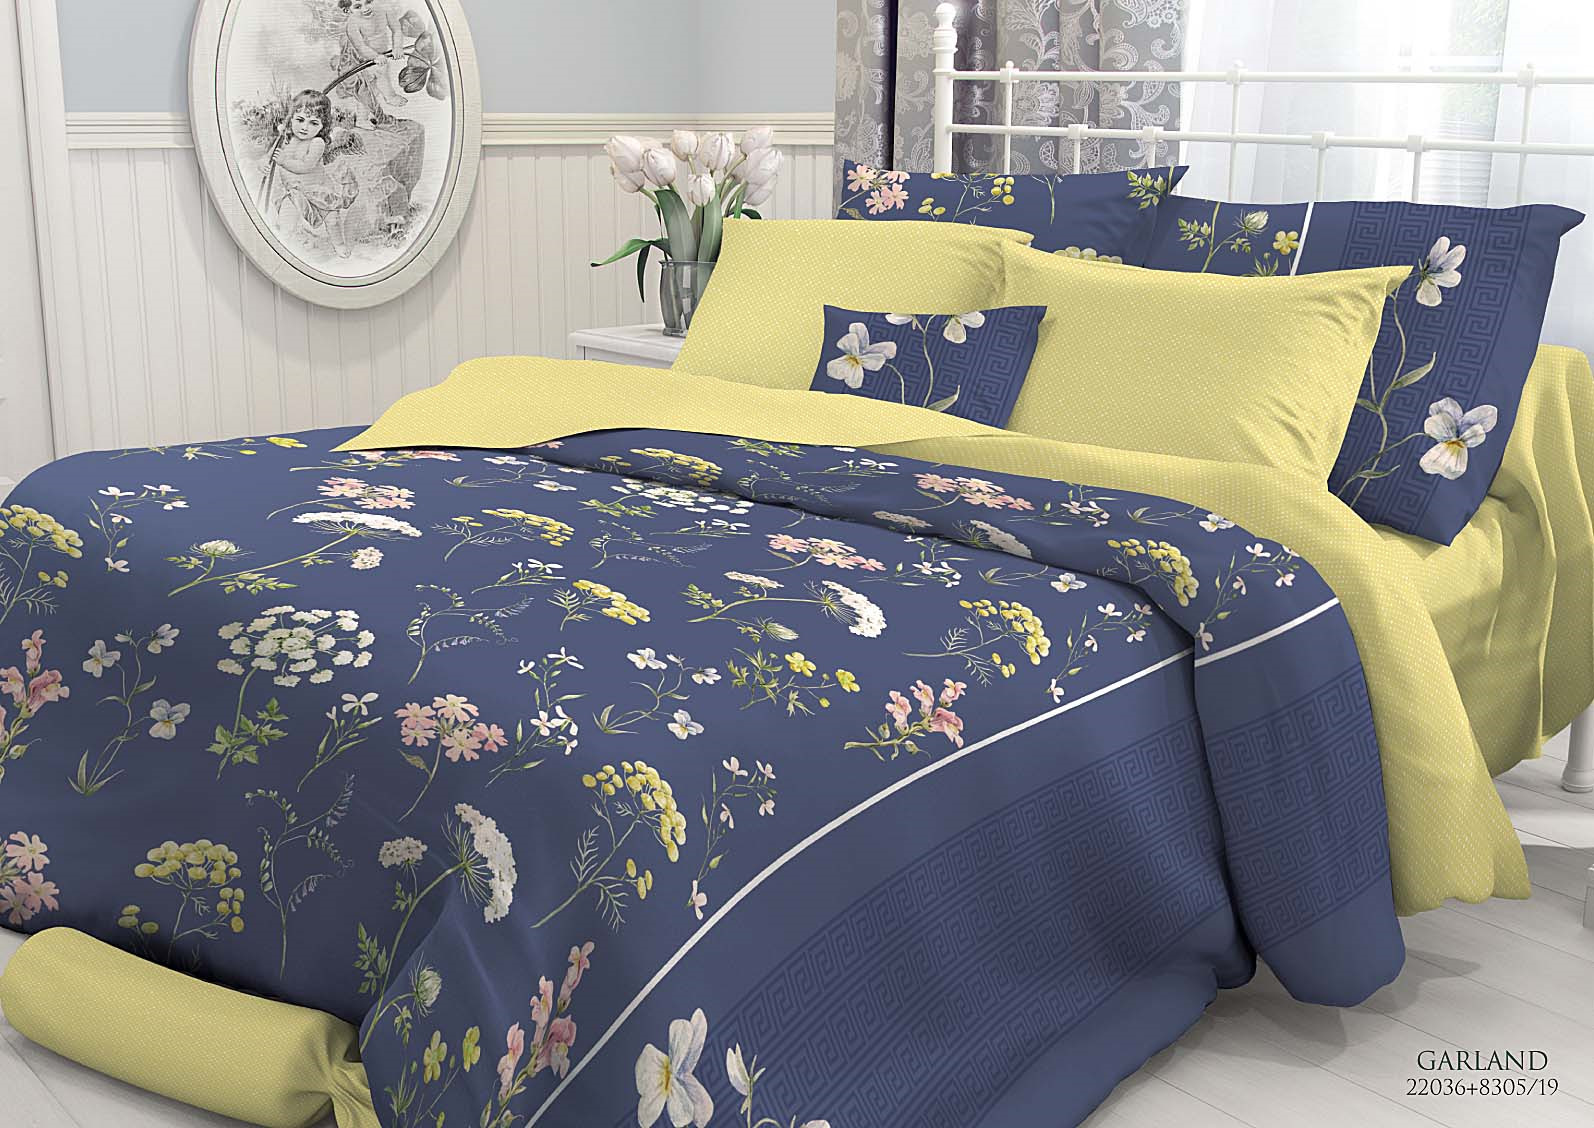 Комплект белья Verossa Garland, 2-спальный, наволочки 70x70 комплект белья verossa gray 2 спальный наволочки 70x70